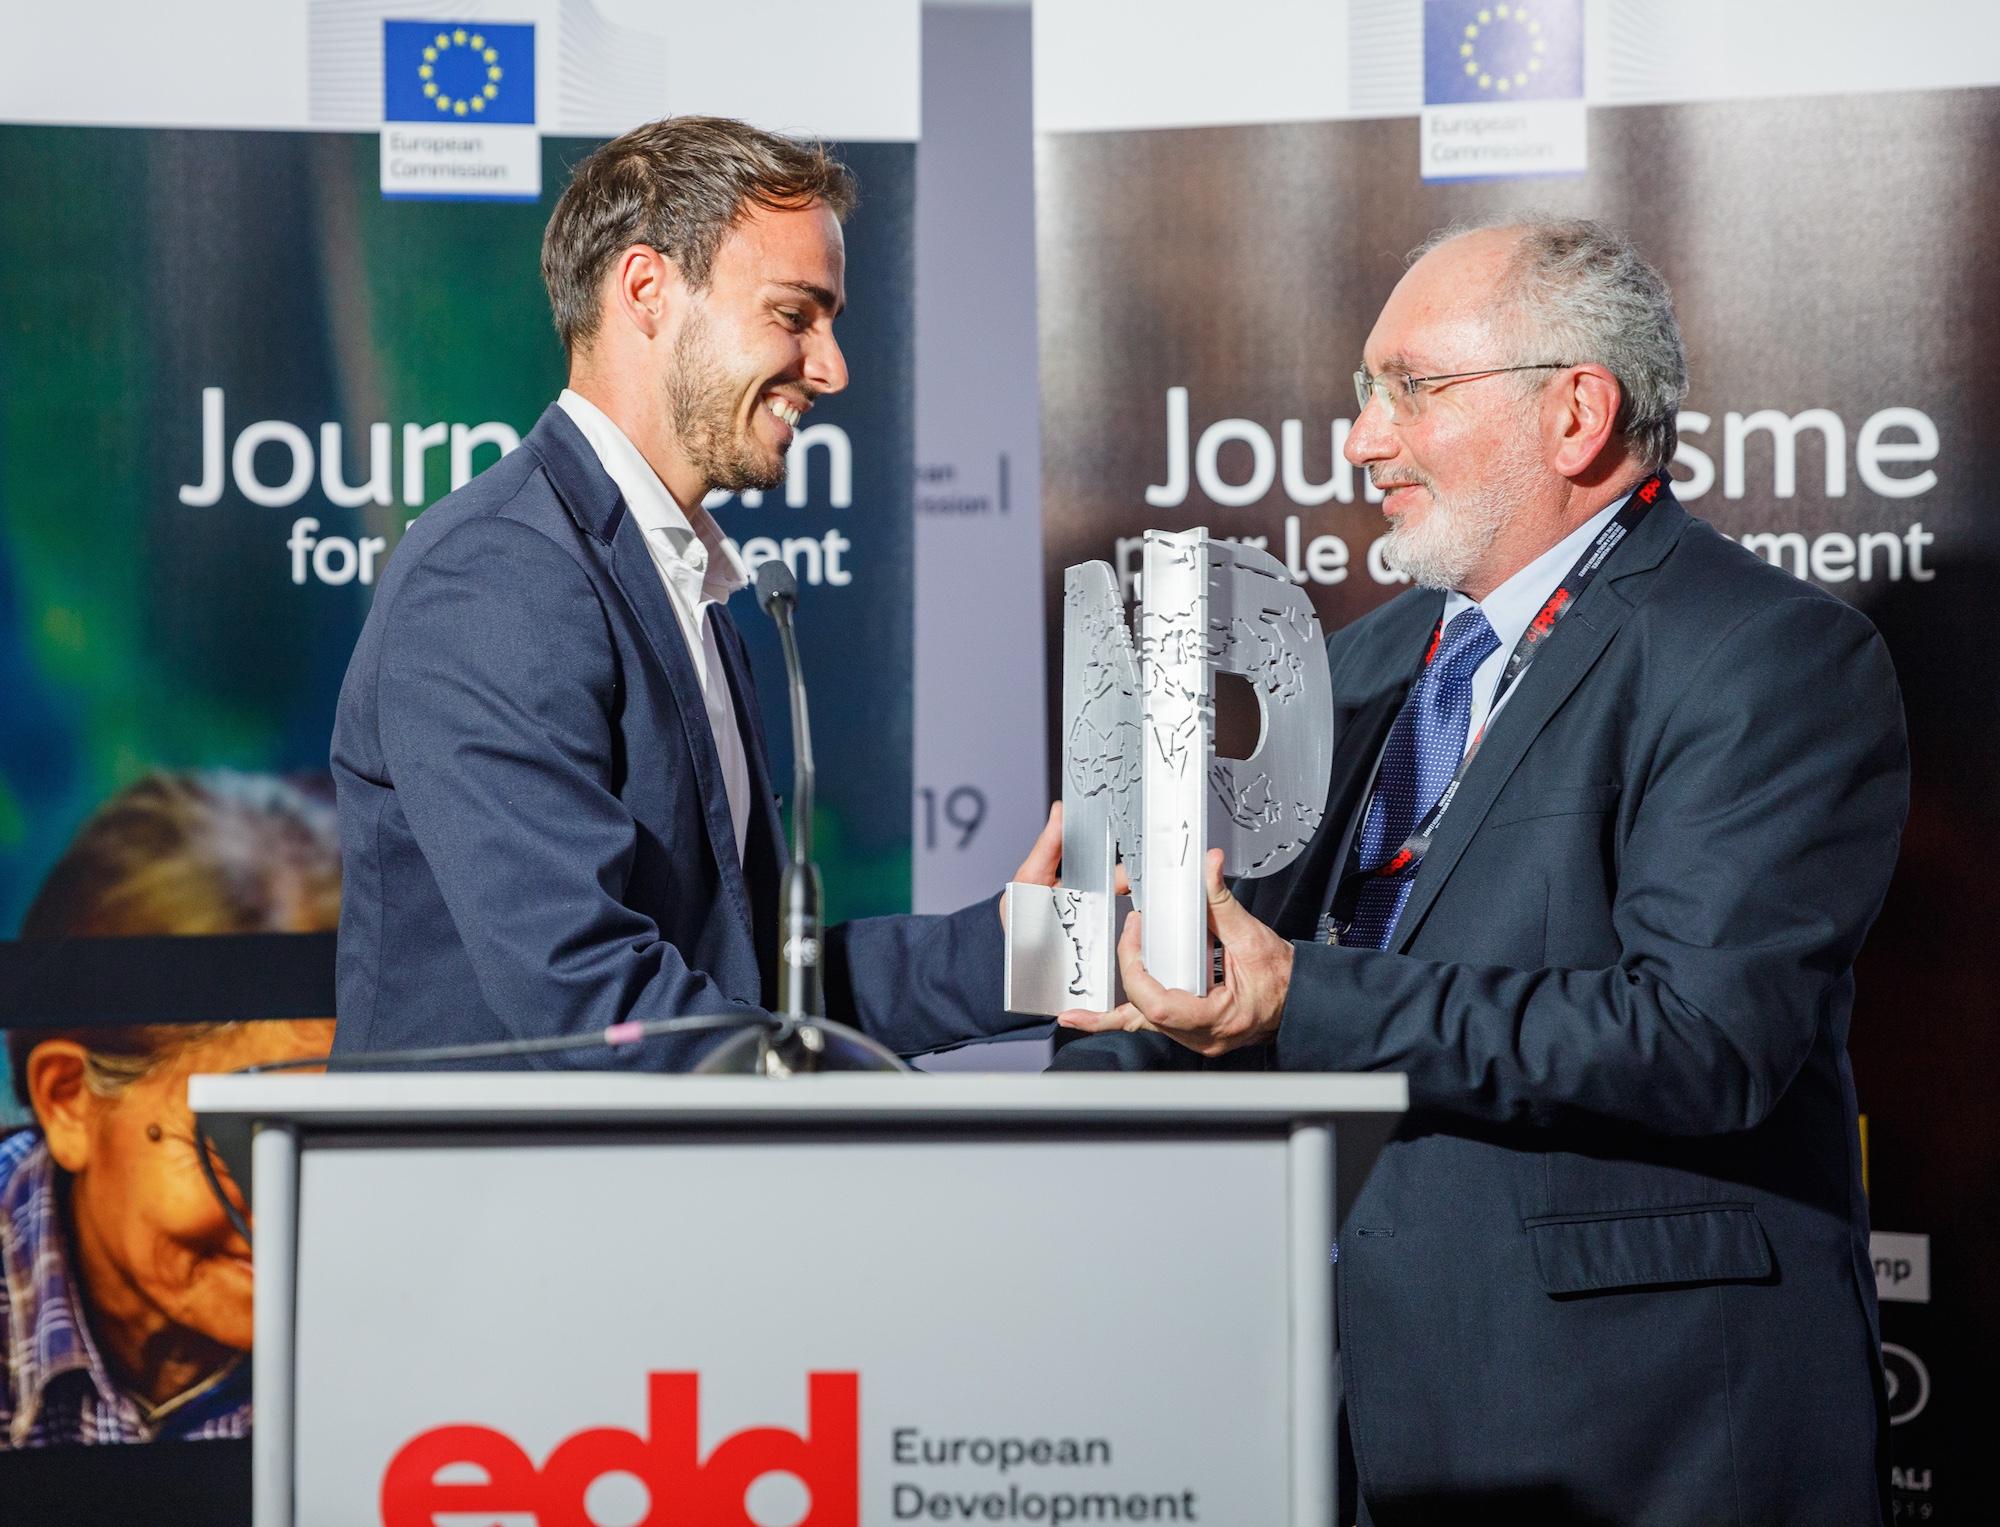 Michel Touma de L'Orient - Le Jour entregando me el Premio Lorenzo Natali en la categoría de mejor periodista emergente. © Twane Photographe